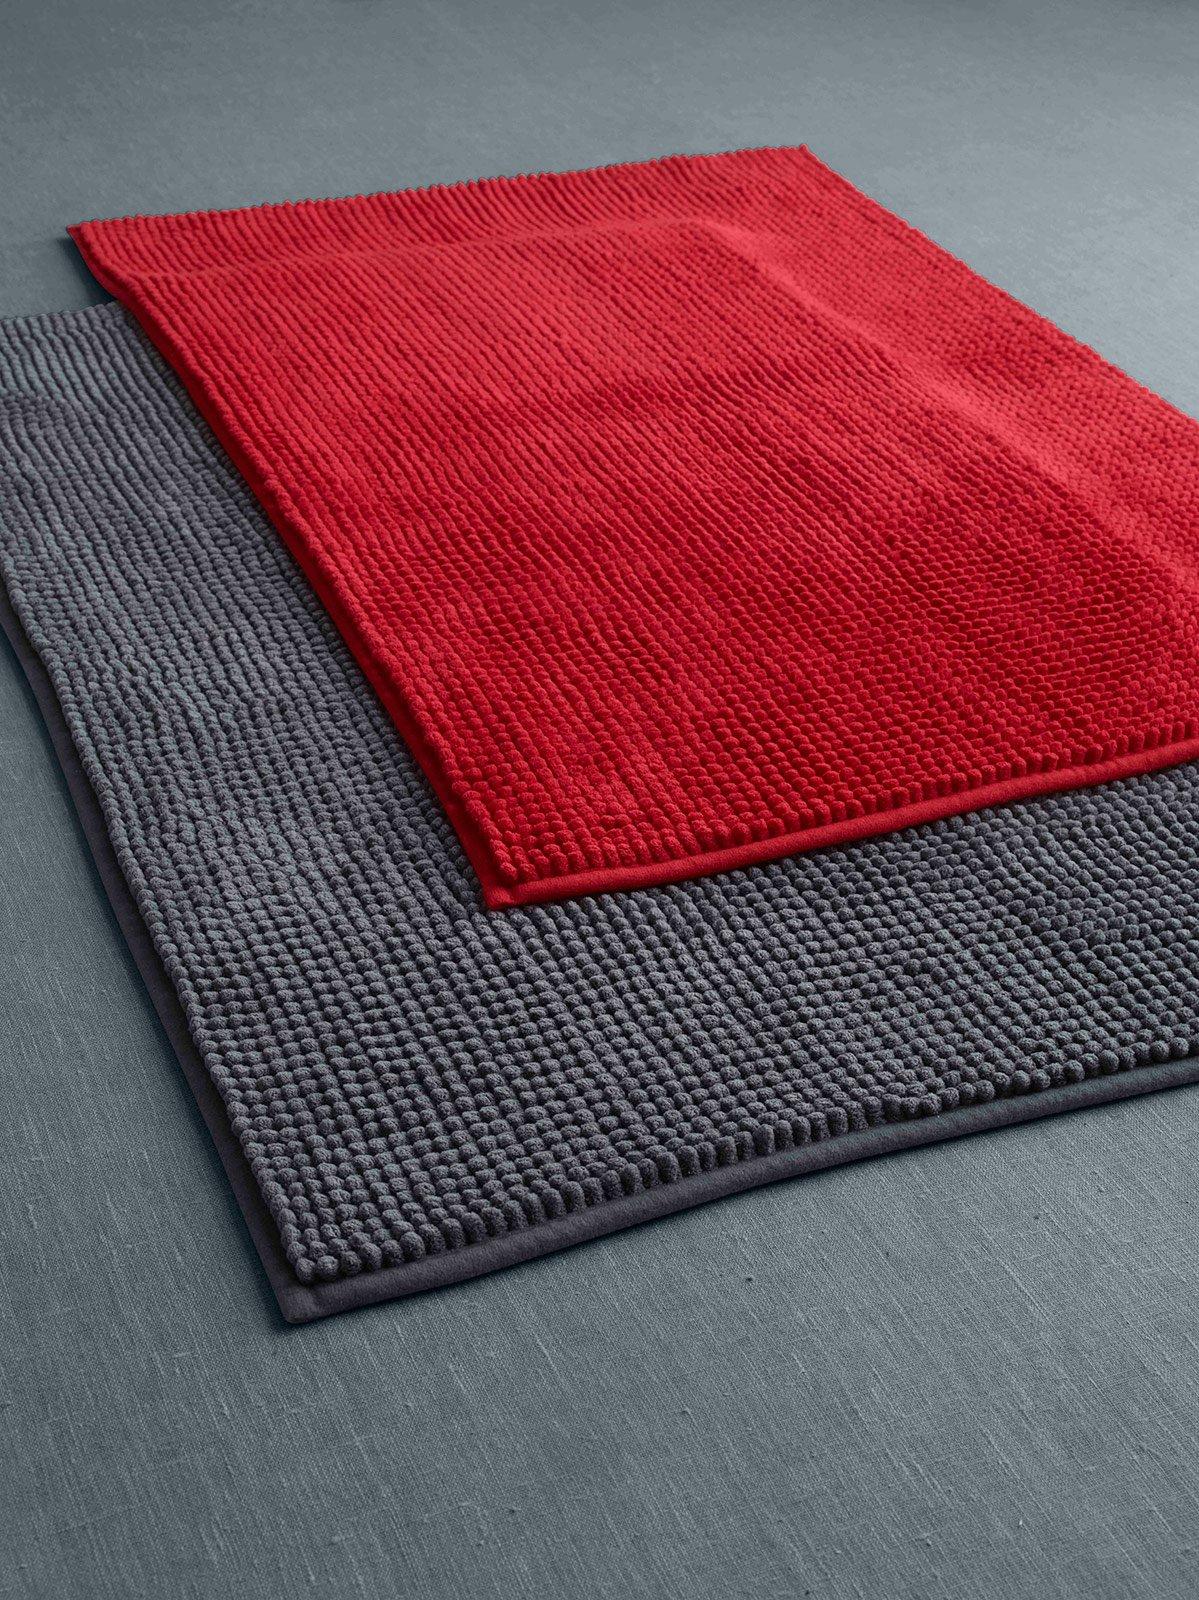 Tappeti bagno su misura: tappeti da bagno su misura grossisti.